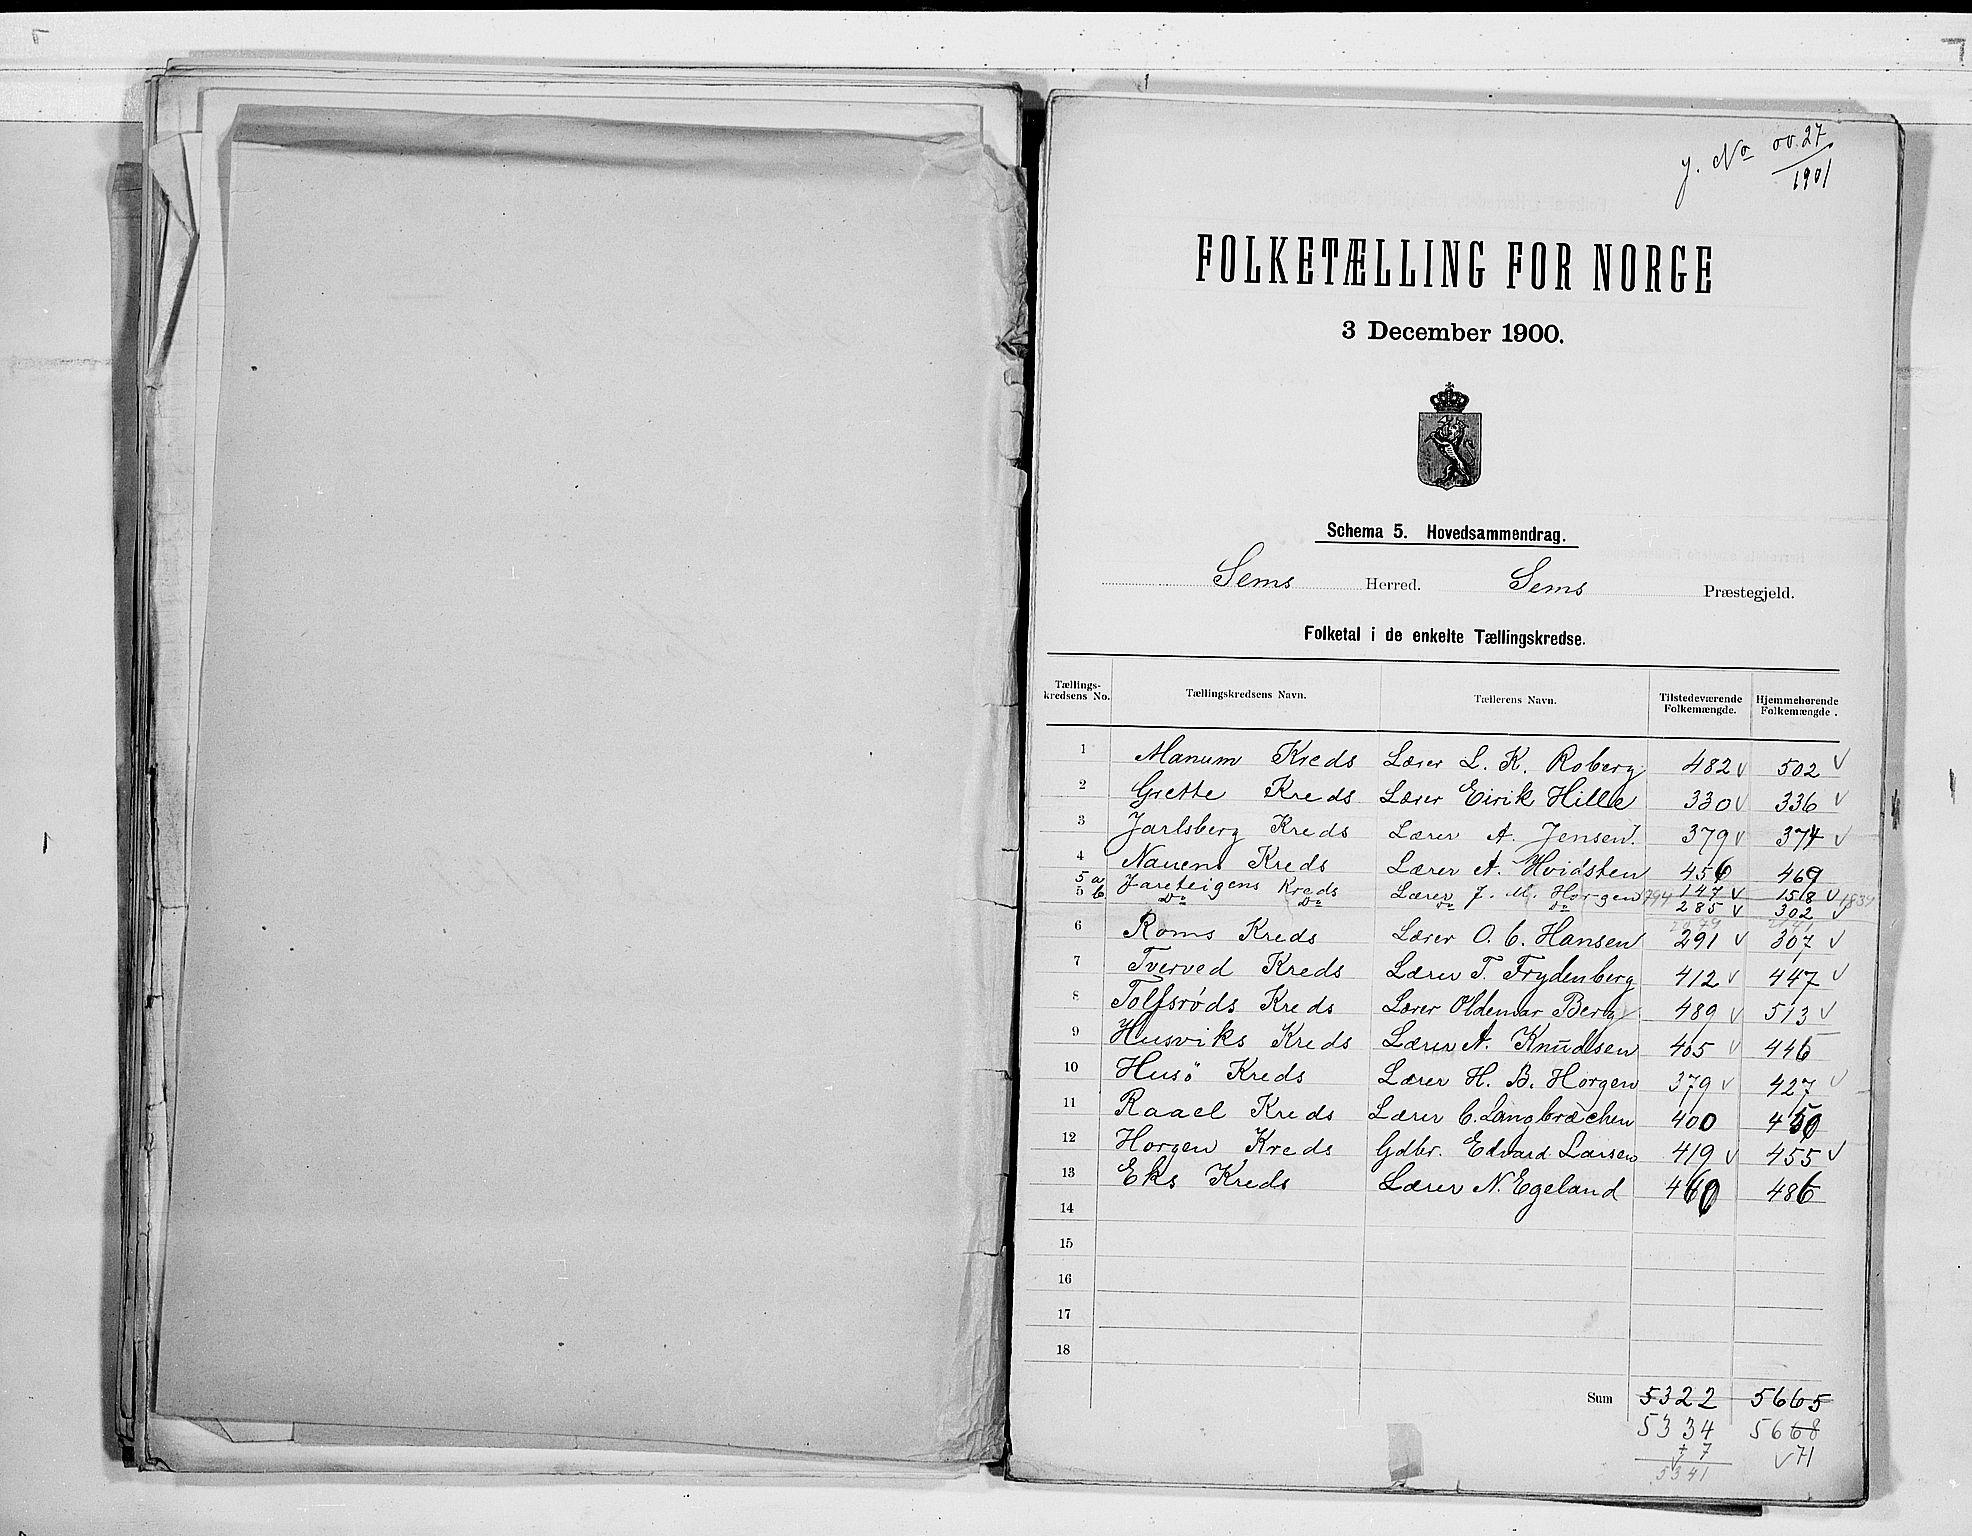 RA, Folketelling 1900 for 0721 Sem herred, 1900, s. 2